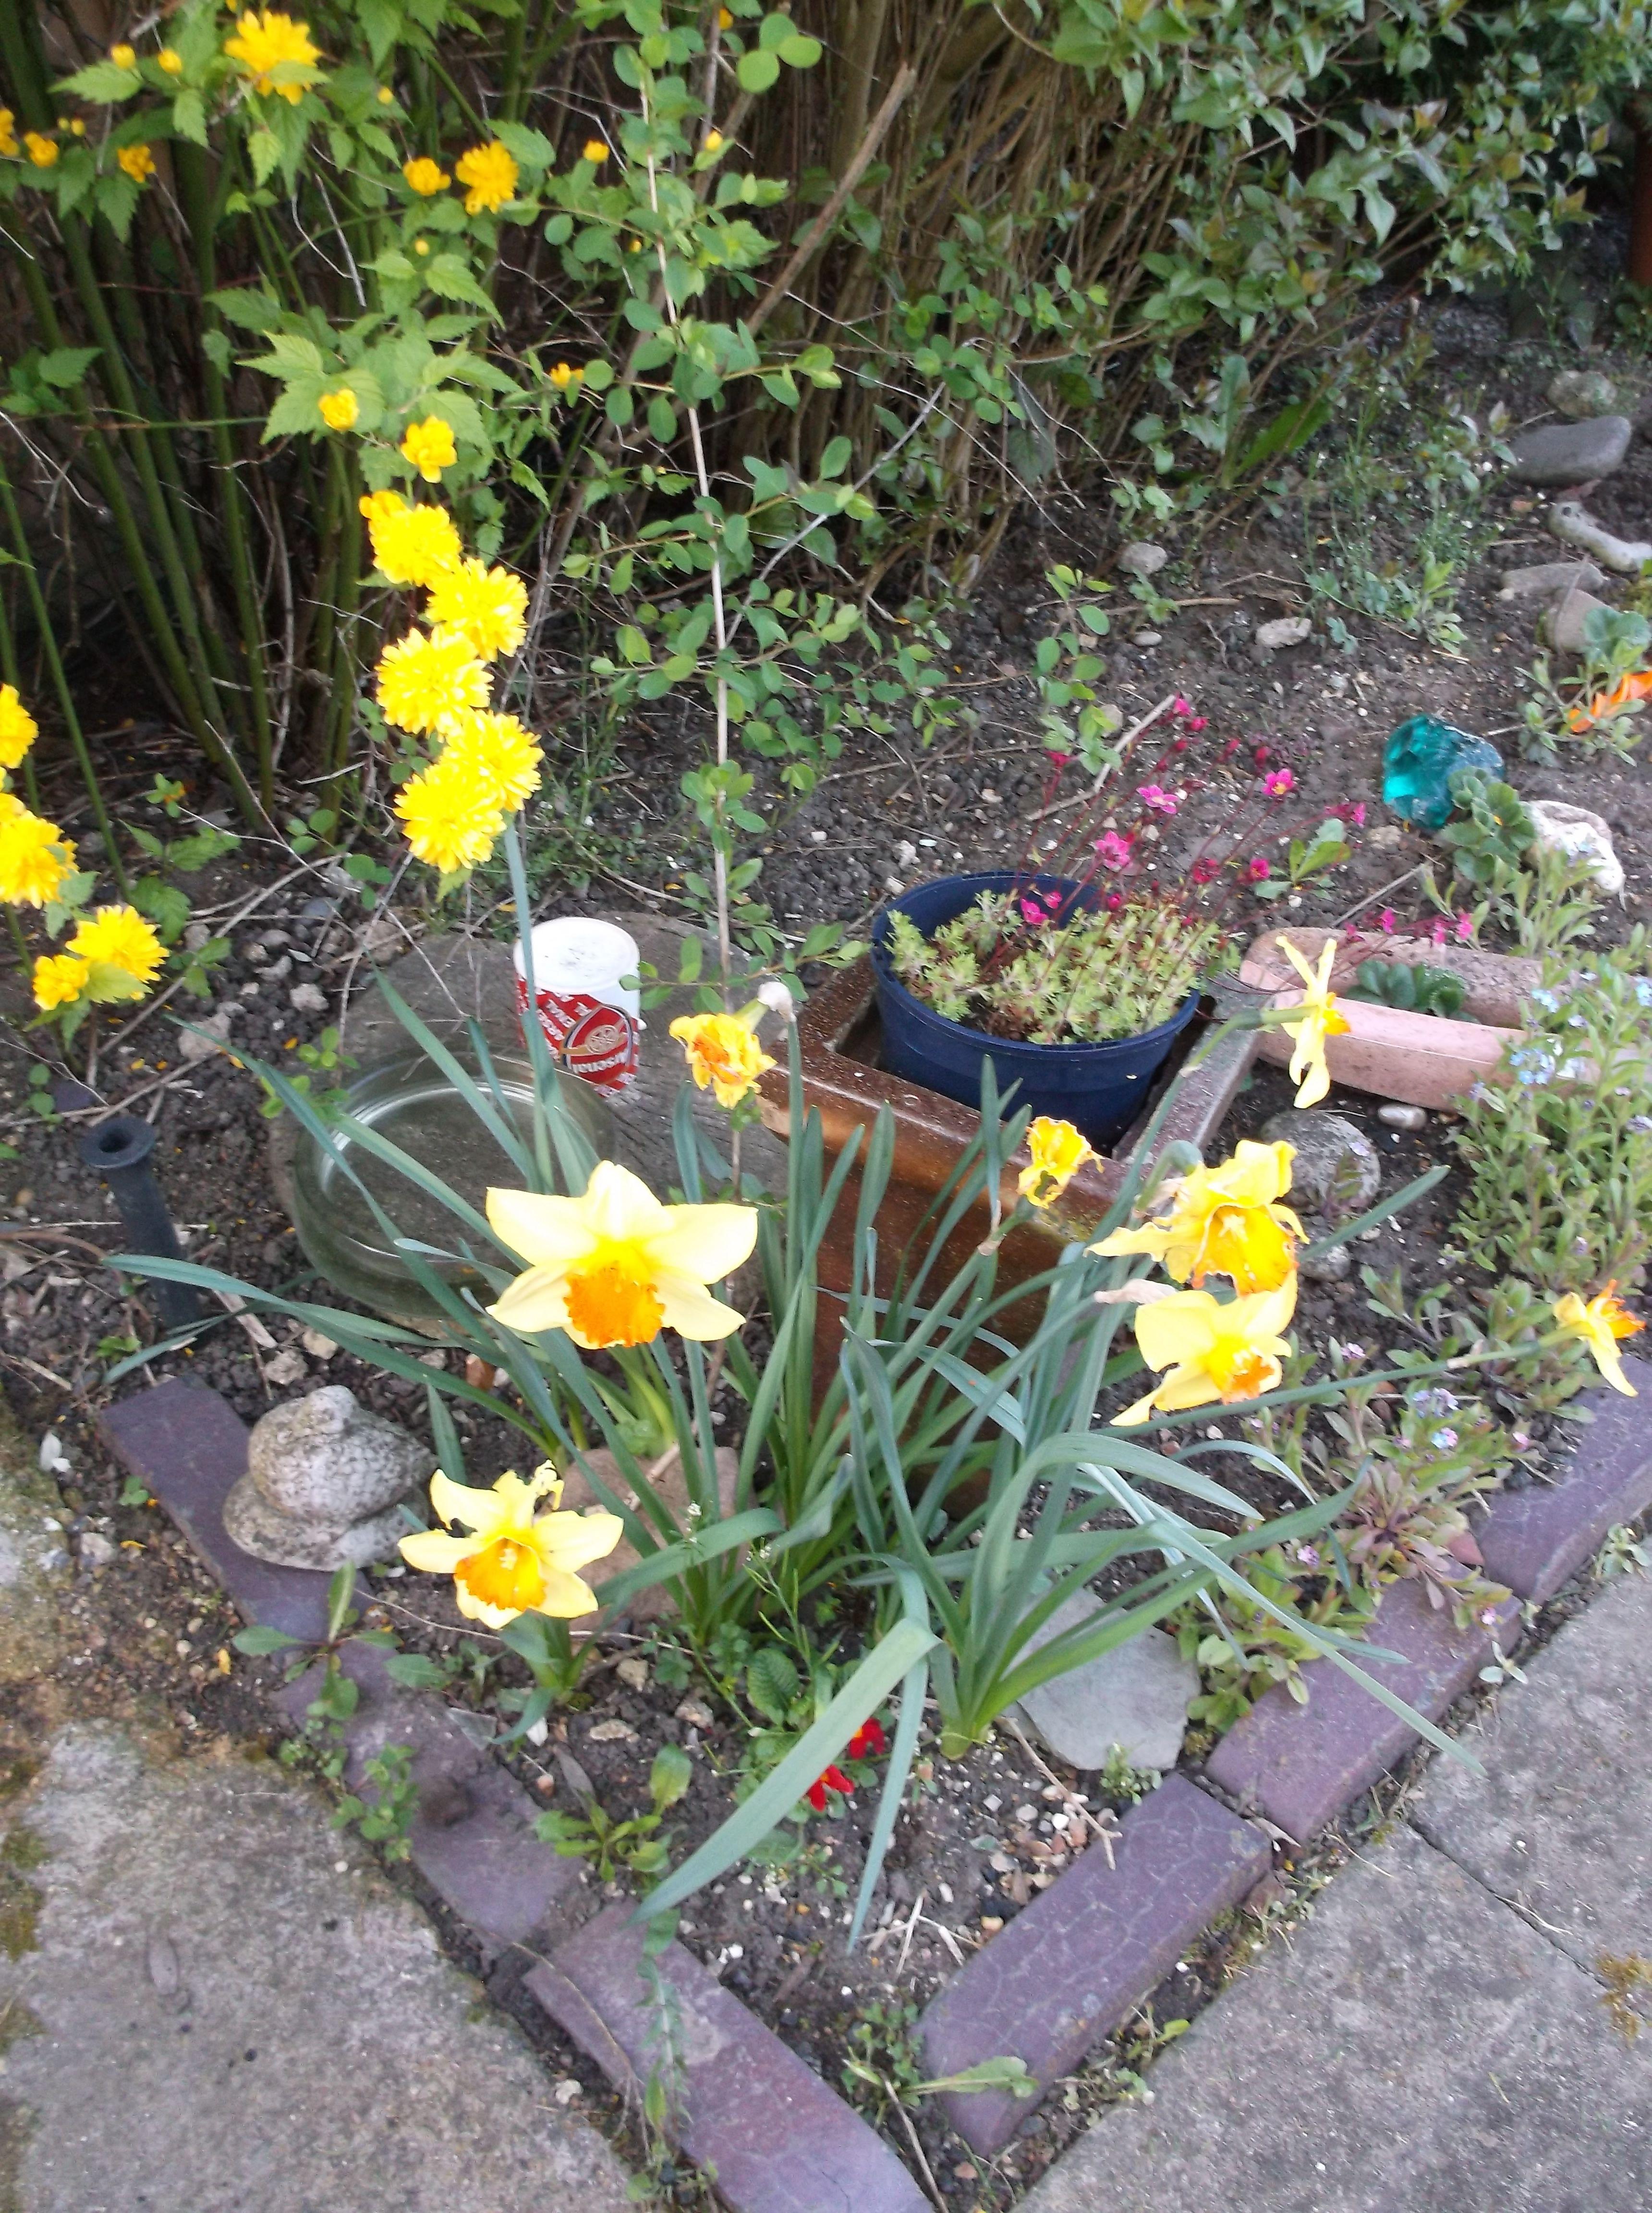 National gardening Week pic